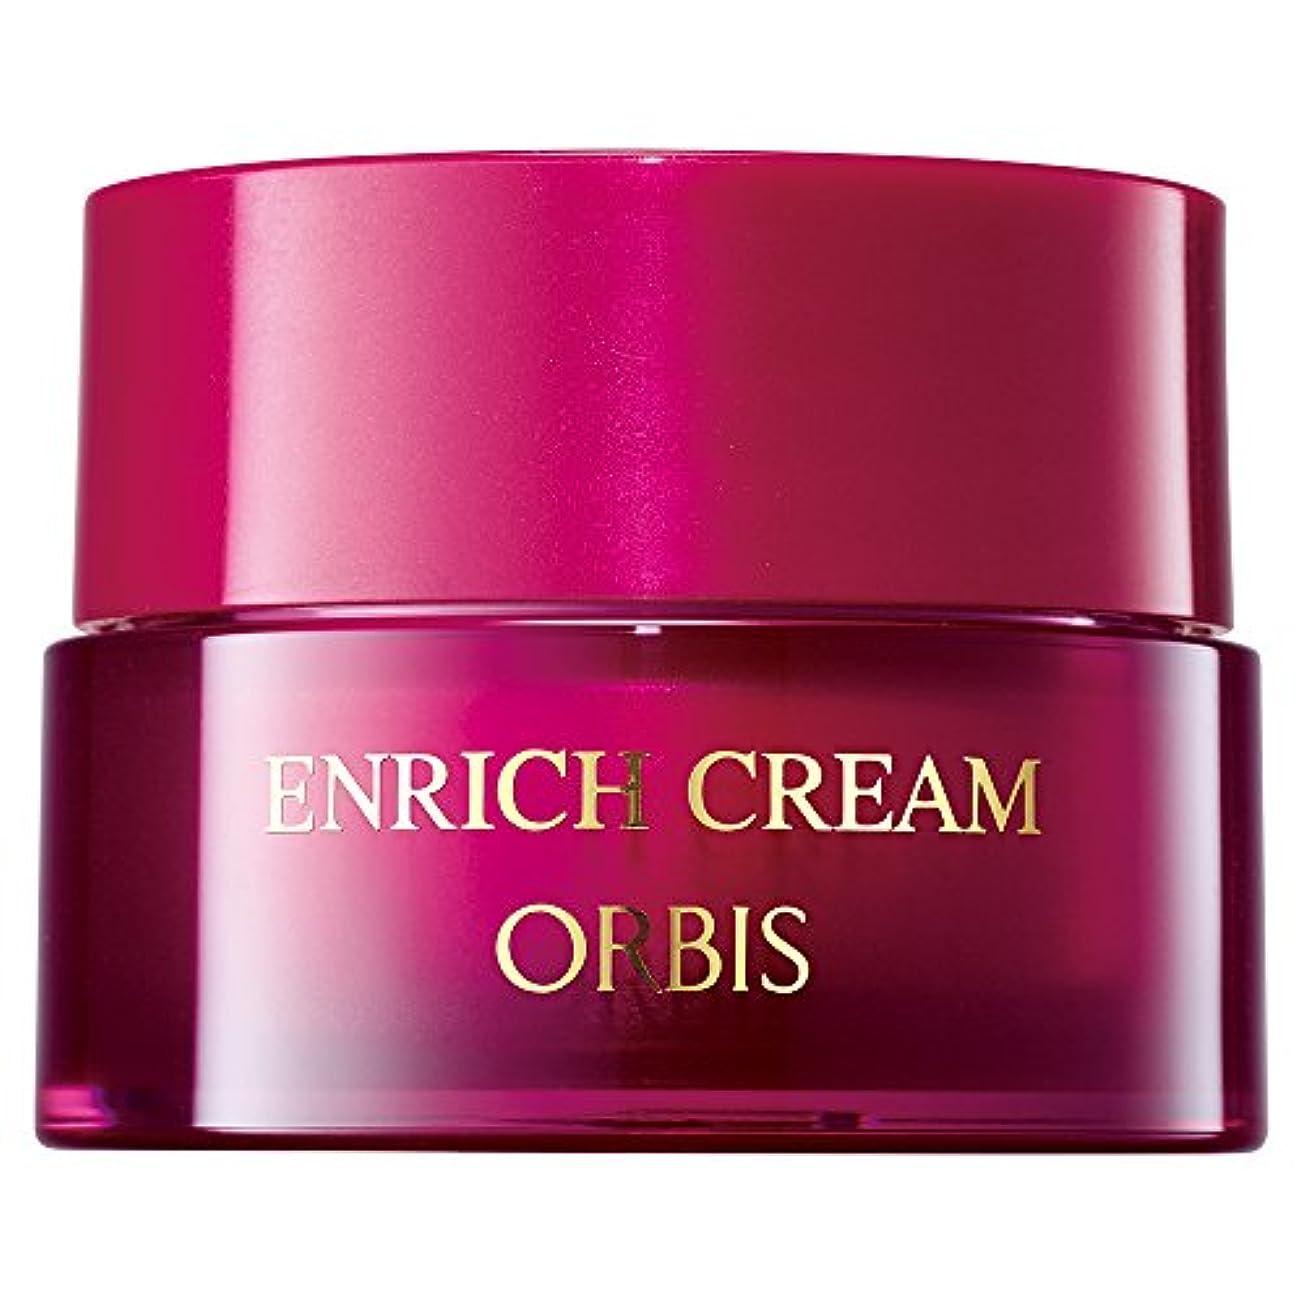 タンパク質カウントアップ対人オルビス(ORBIS) エンリッチ クリーム 30g ◎エイジングケアクリーム◎